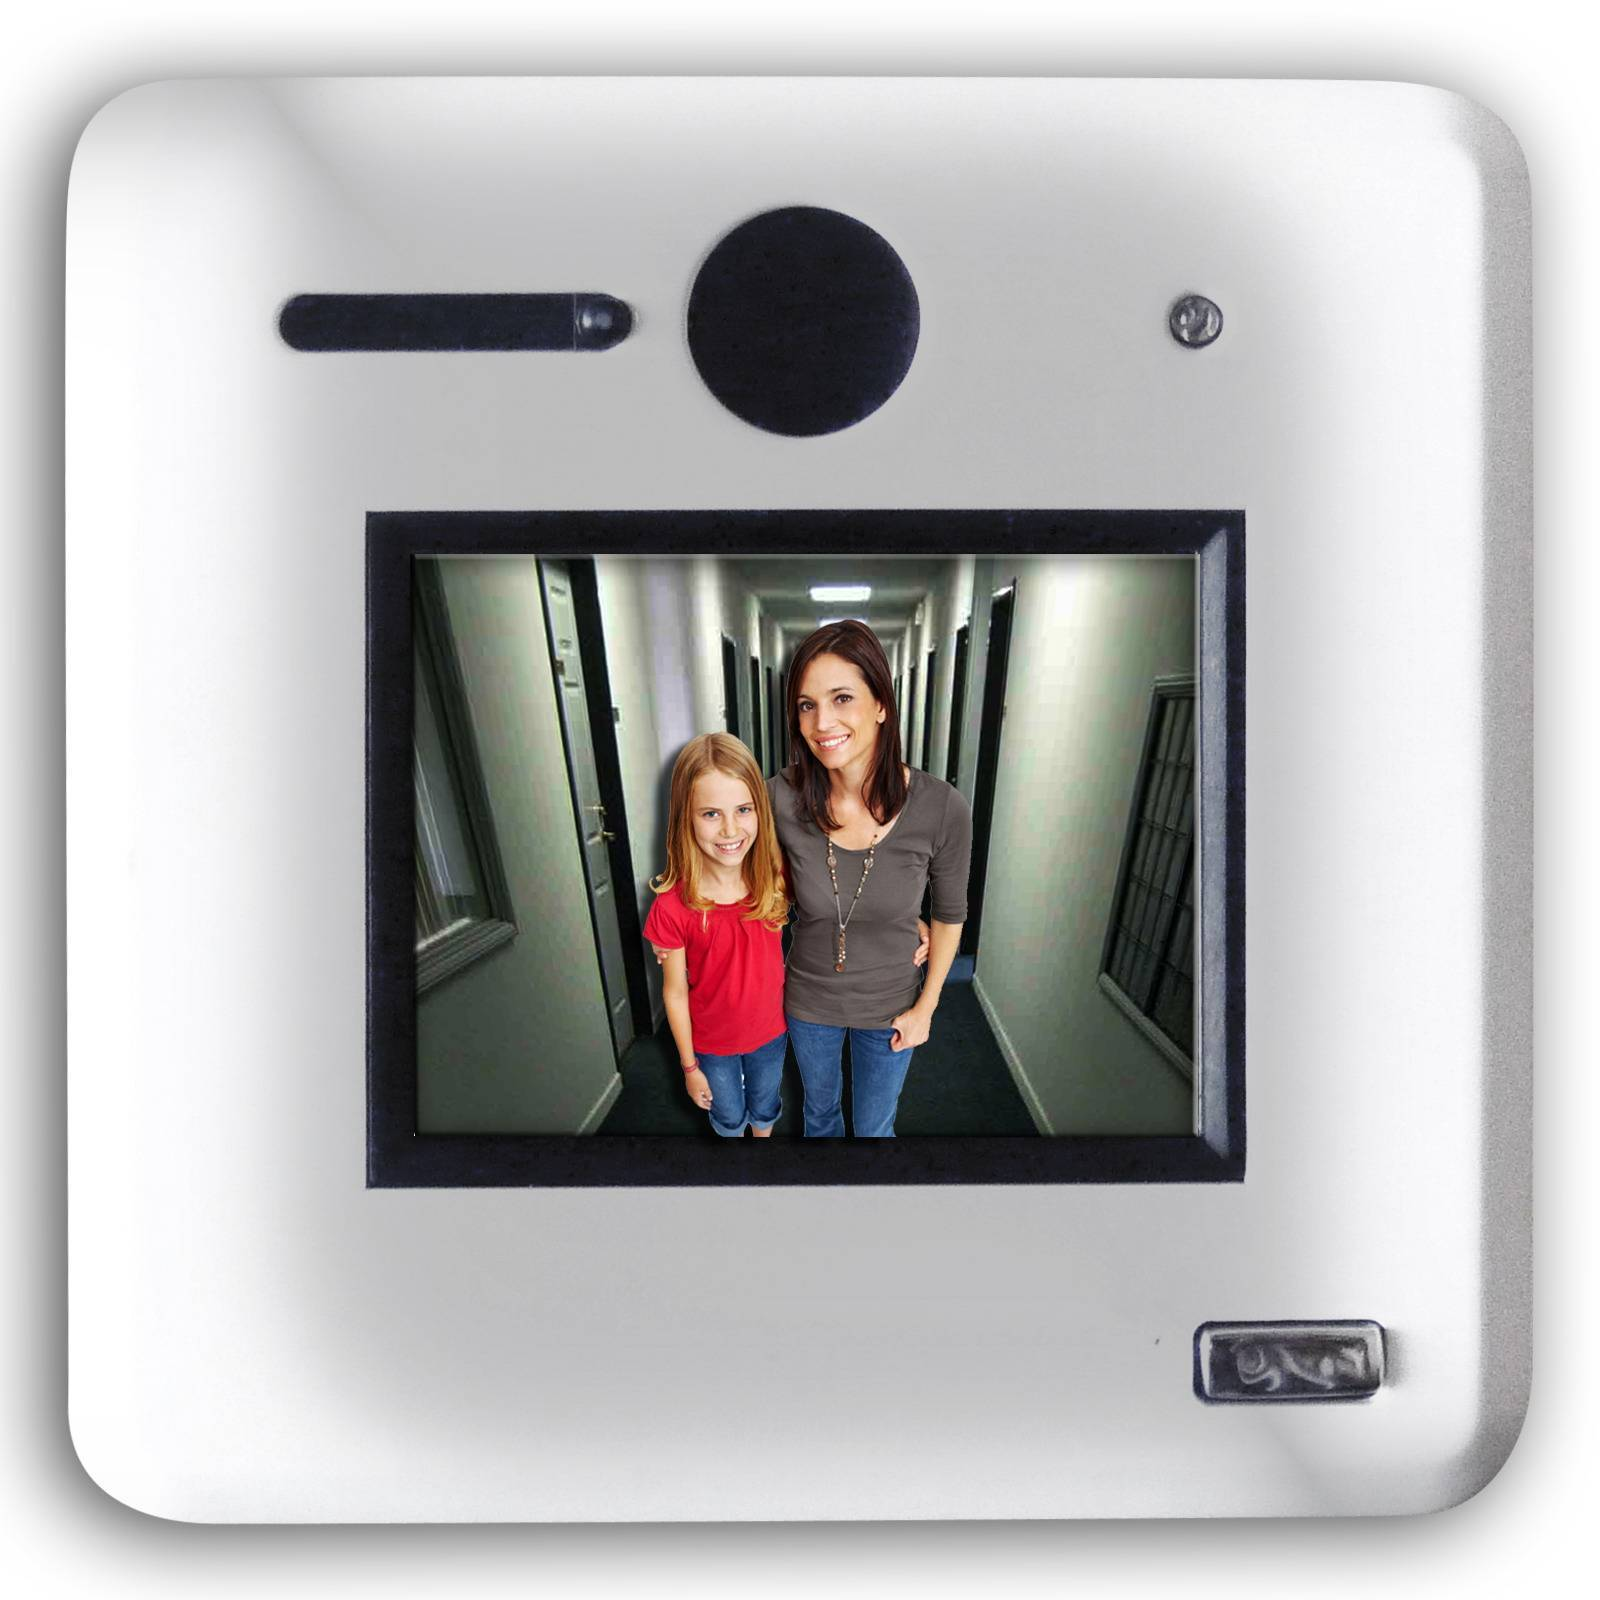 Wireless Door Security Monitor